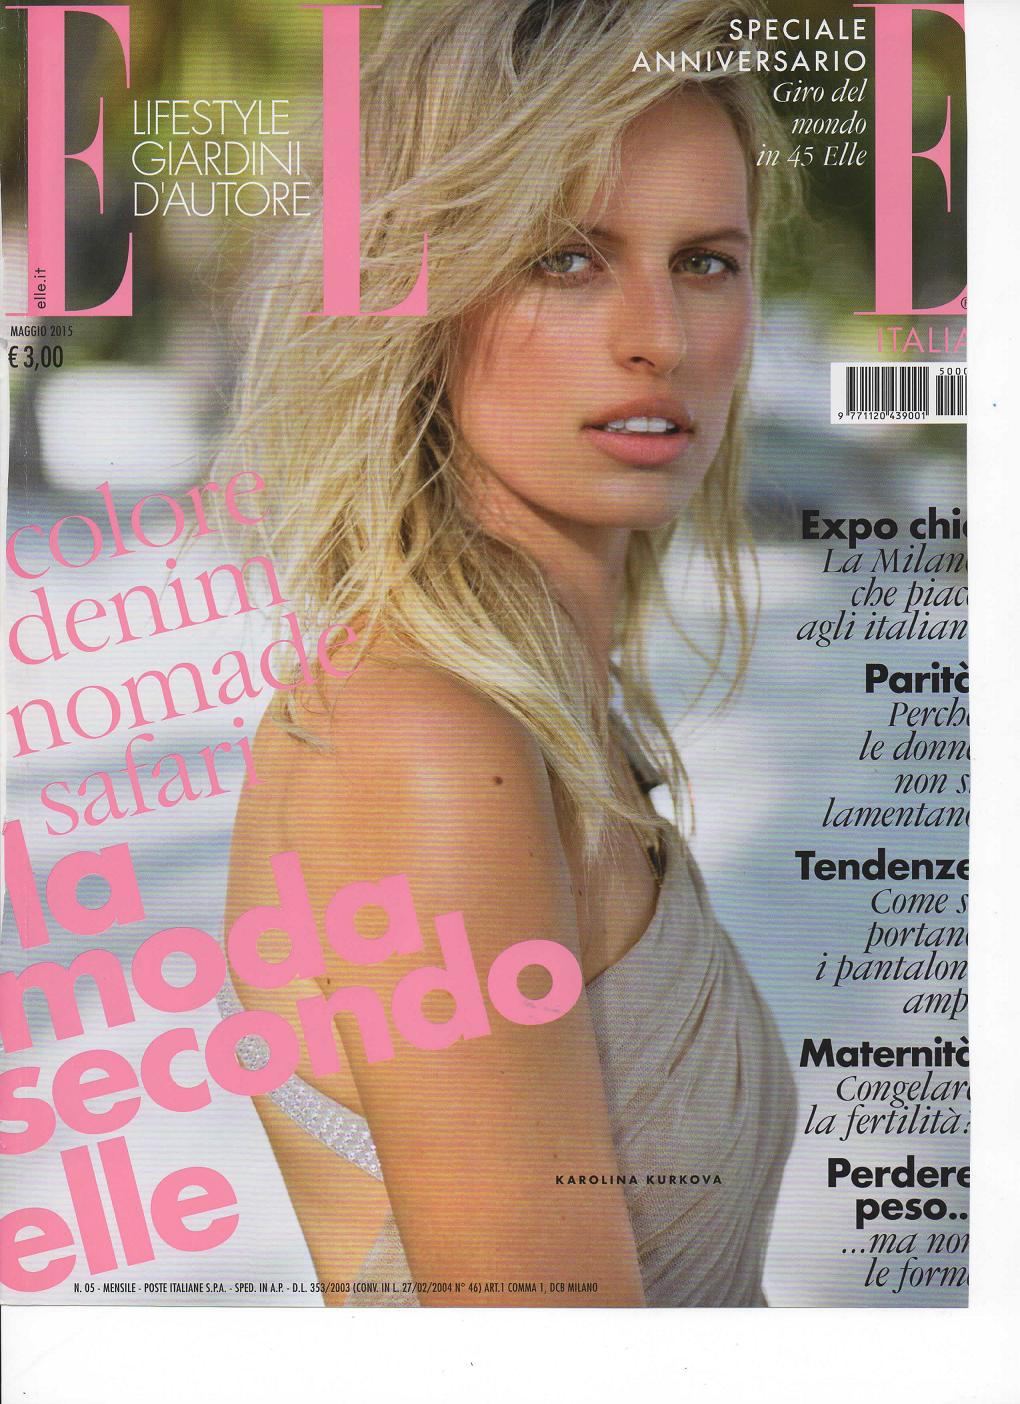 Elle cover maggio '15_small